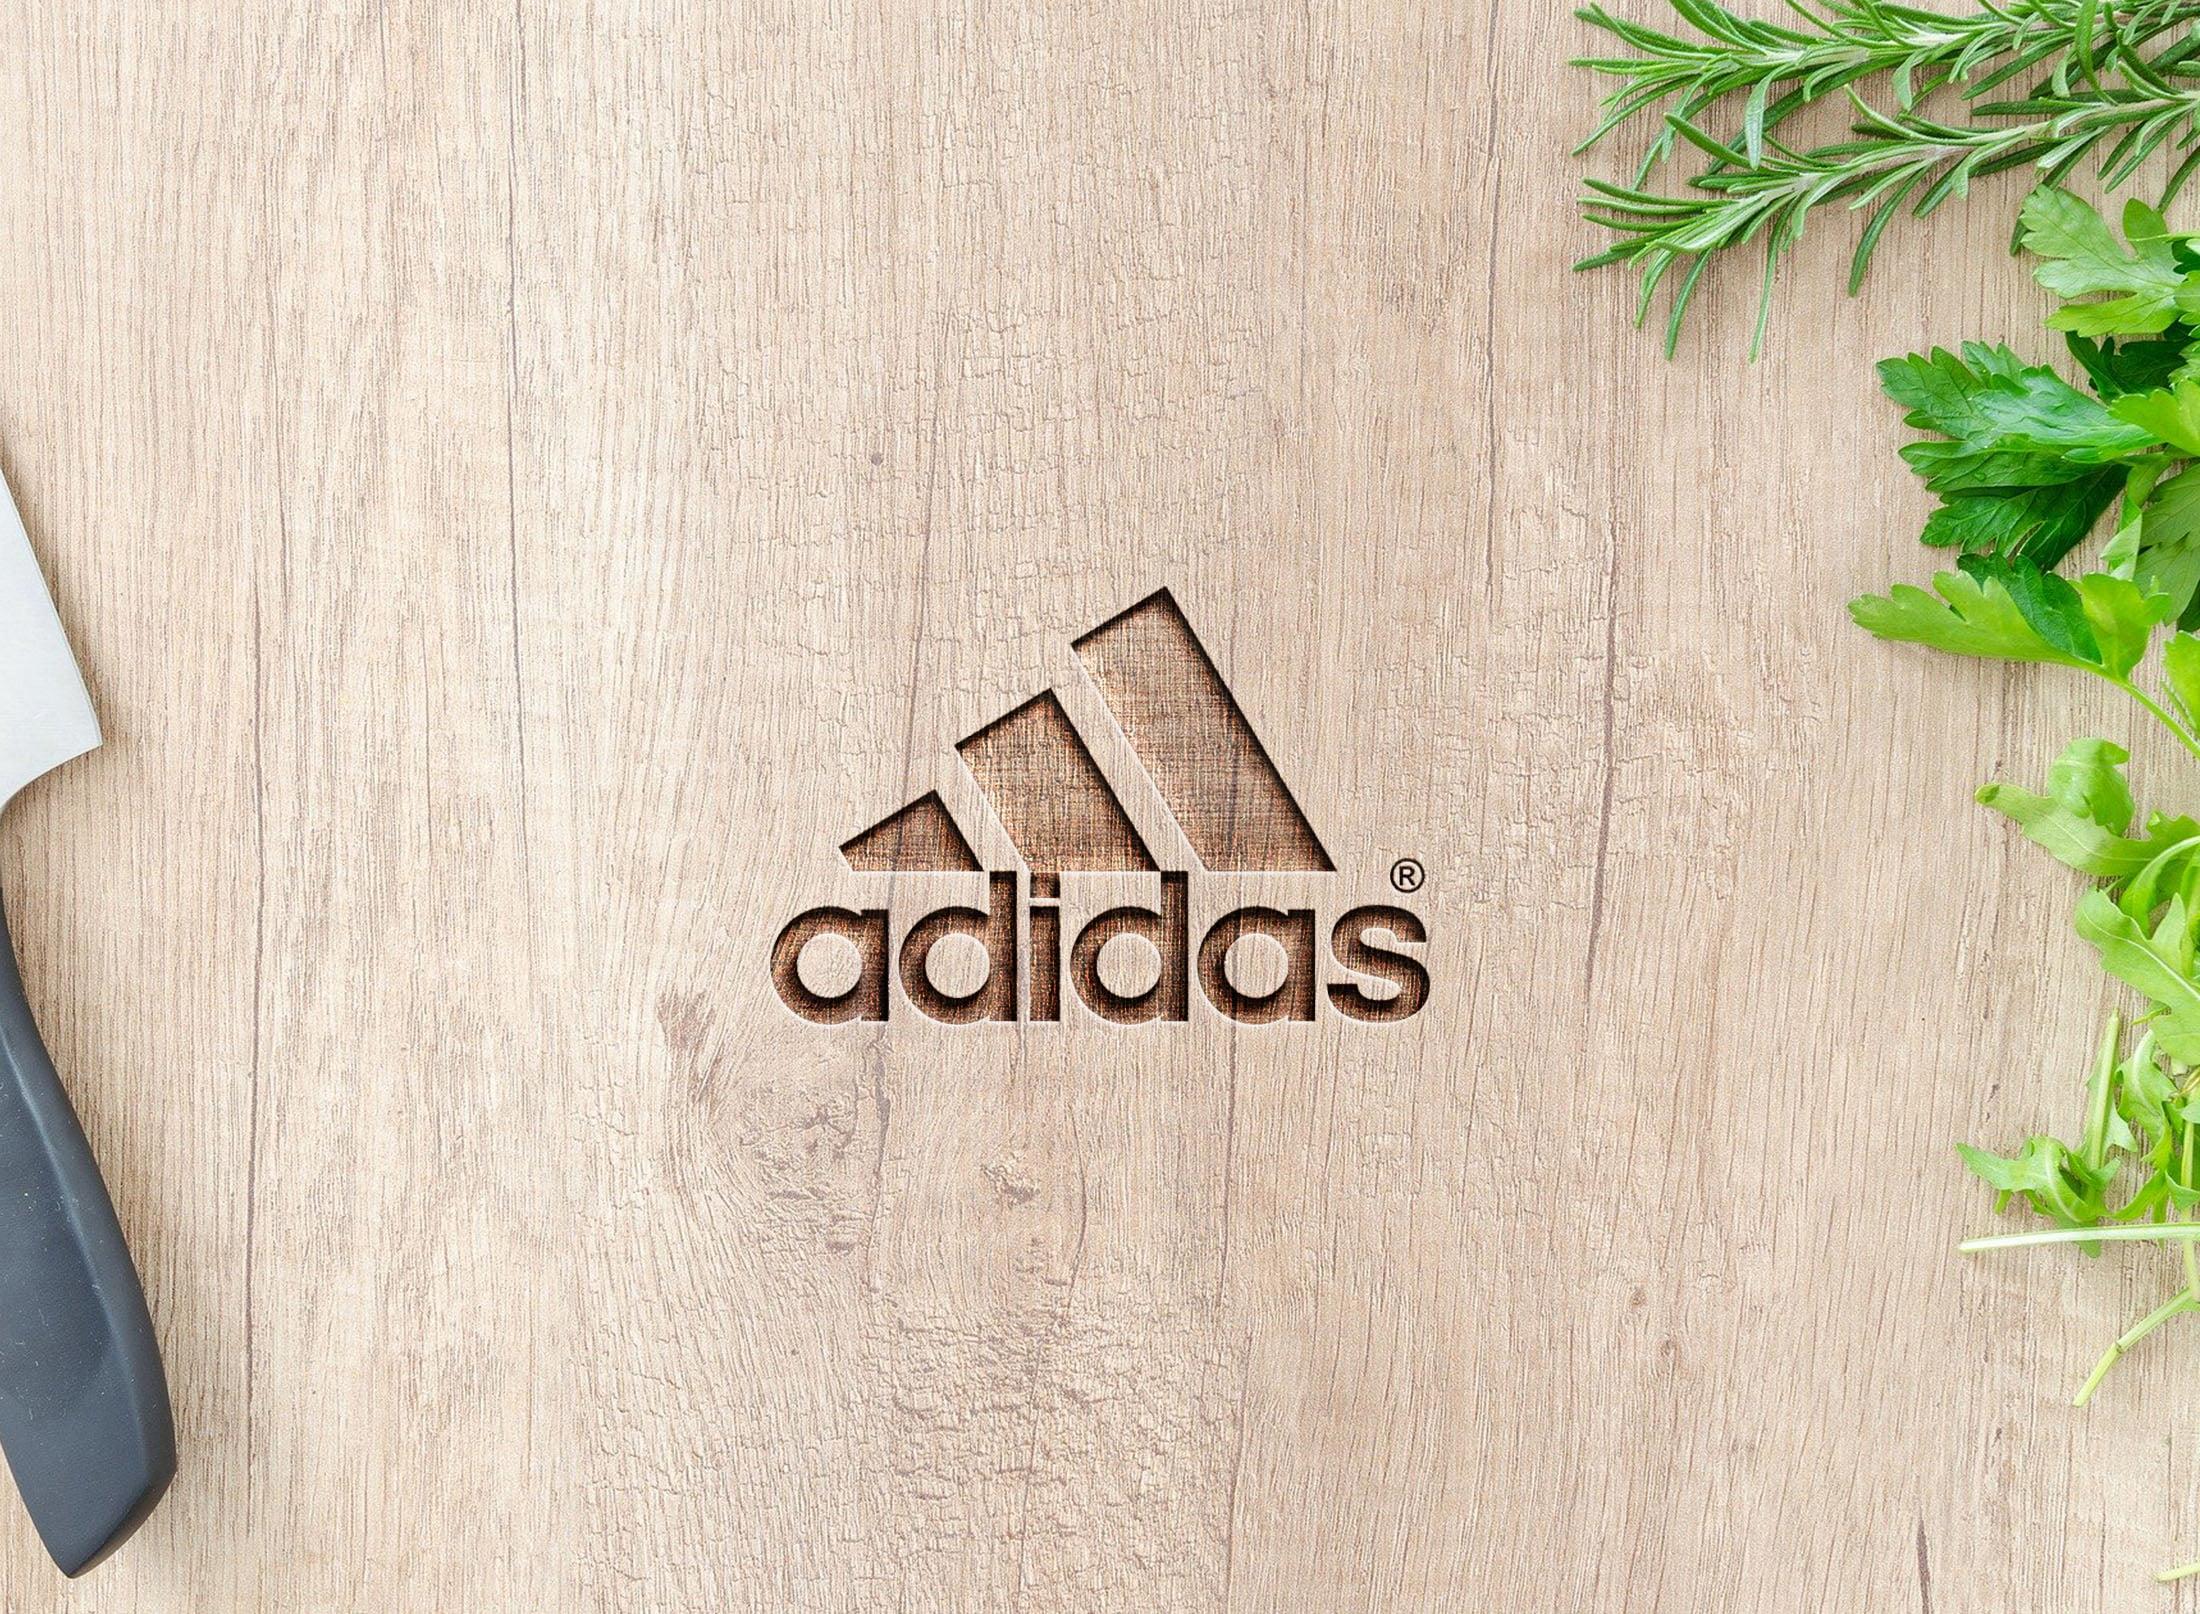 adidas on 3d wood mockup